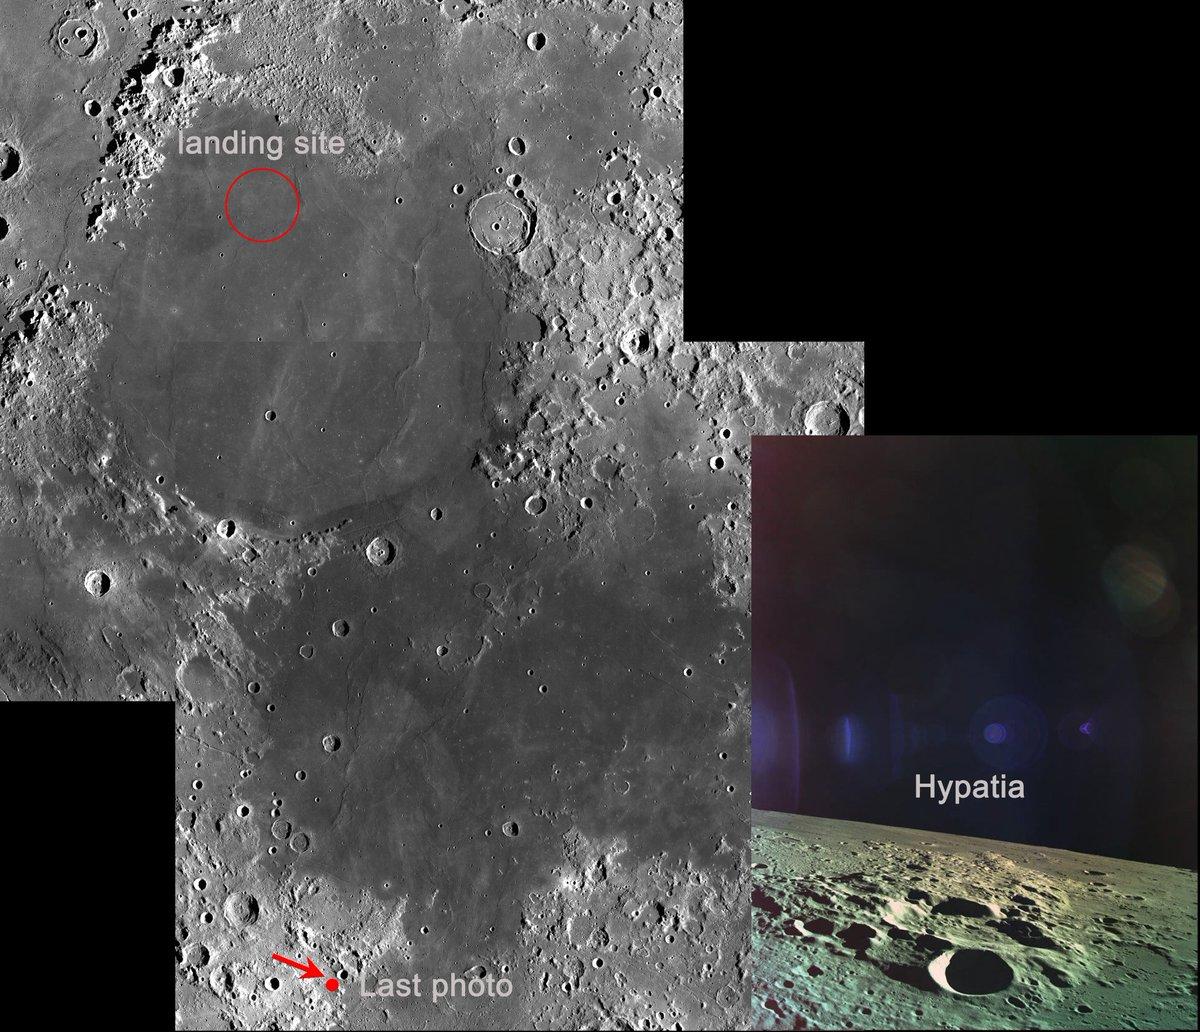 Лунная миссия «Берешит» — разбор аварии, анонсирование запуска разработки аппарата «Берешит 2.0» - 31